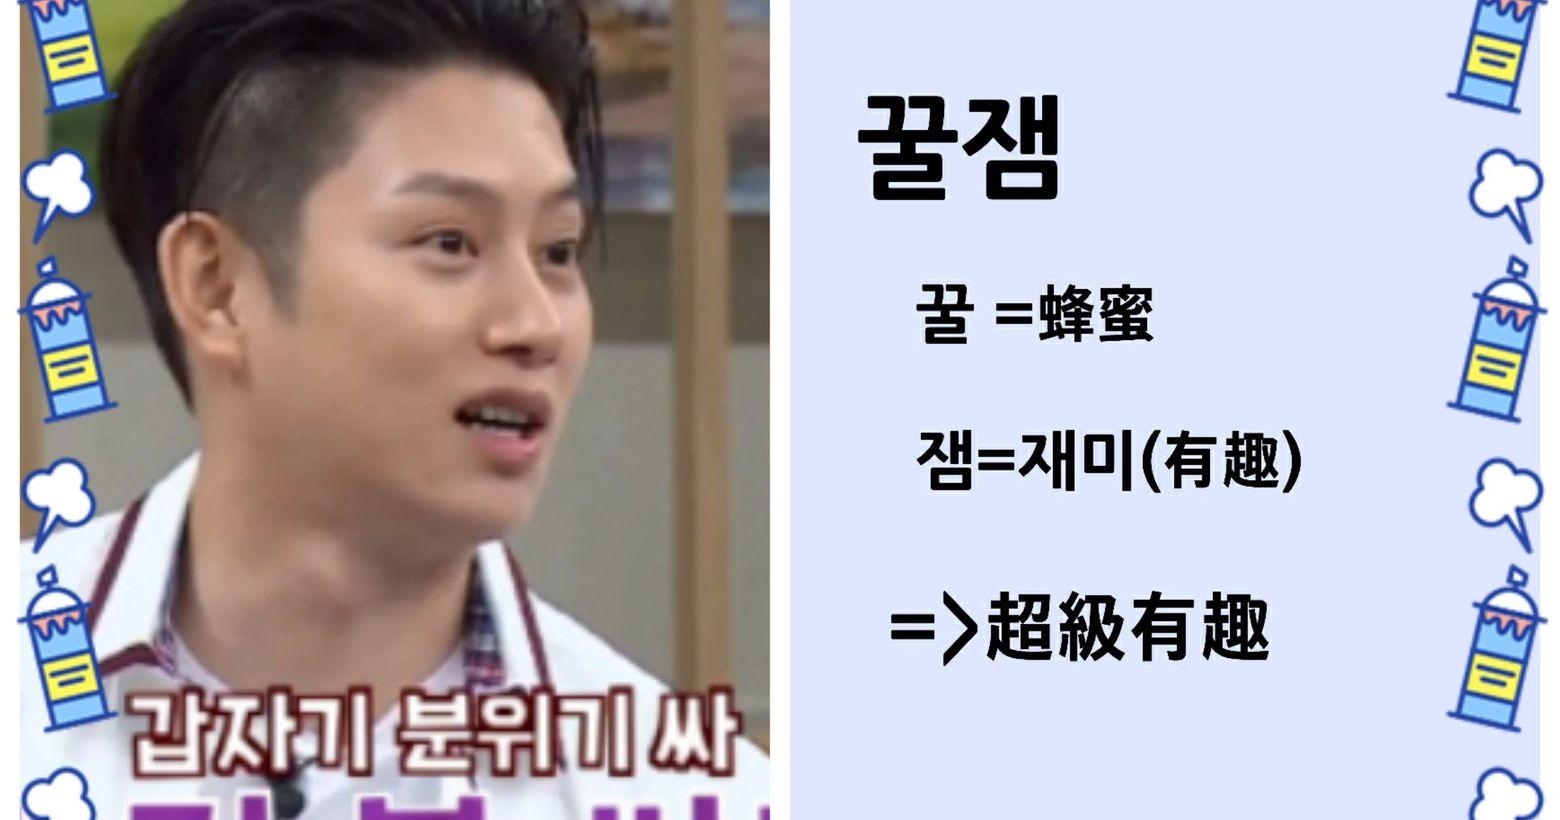 꿀잼? 노잼?韓文流行語大解密!那些課本沒教卻常在綜藝節目出現的單字~大家在看韓國綜藝的時候,是不是